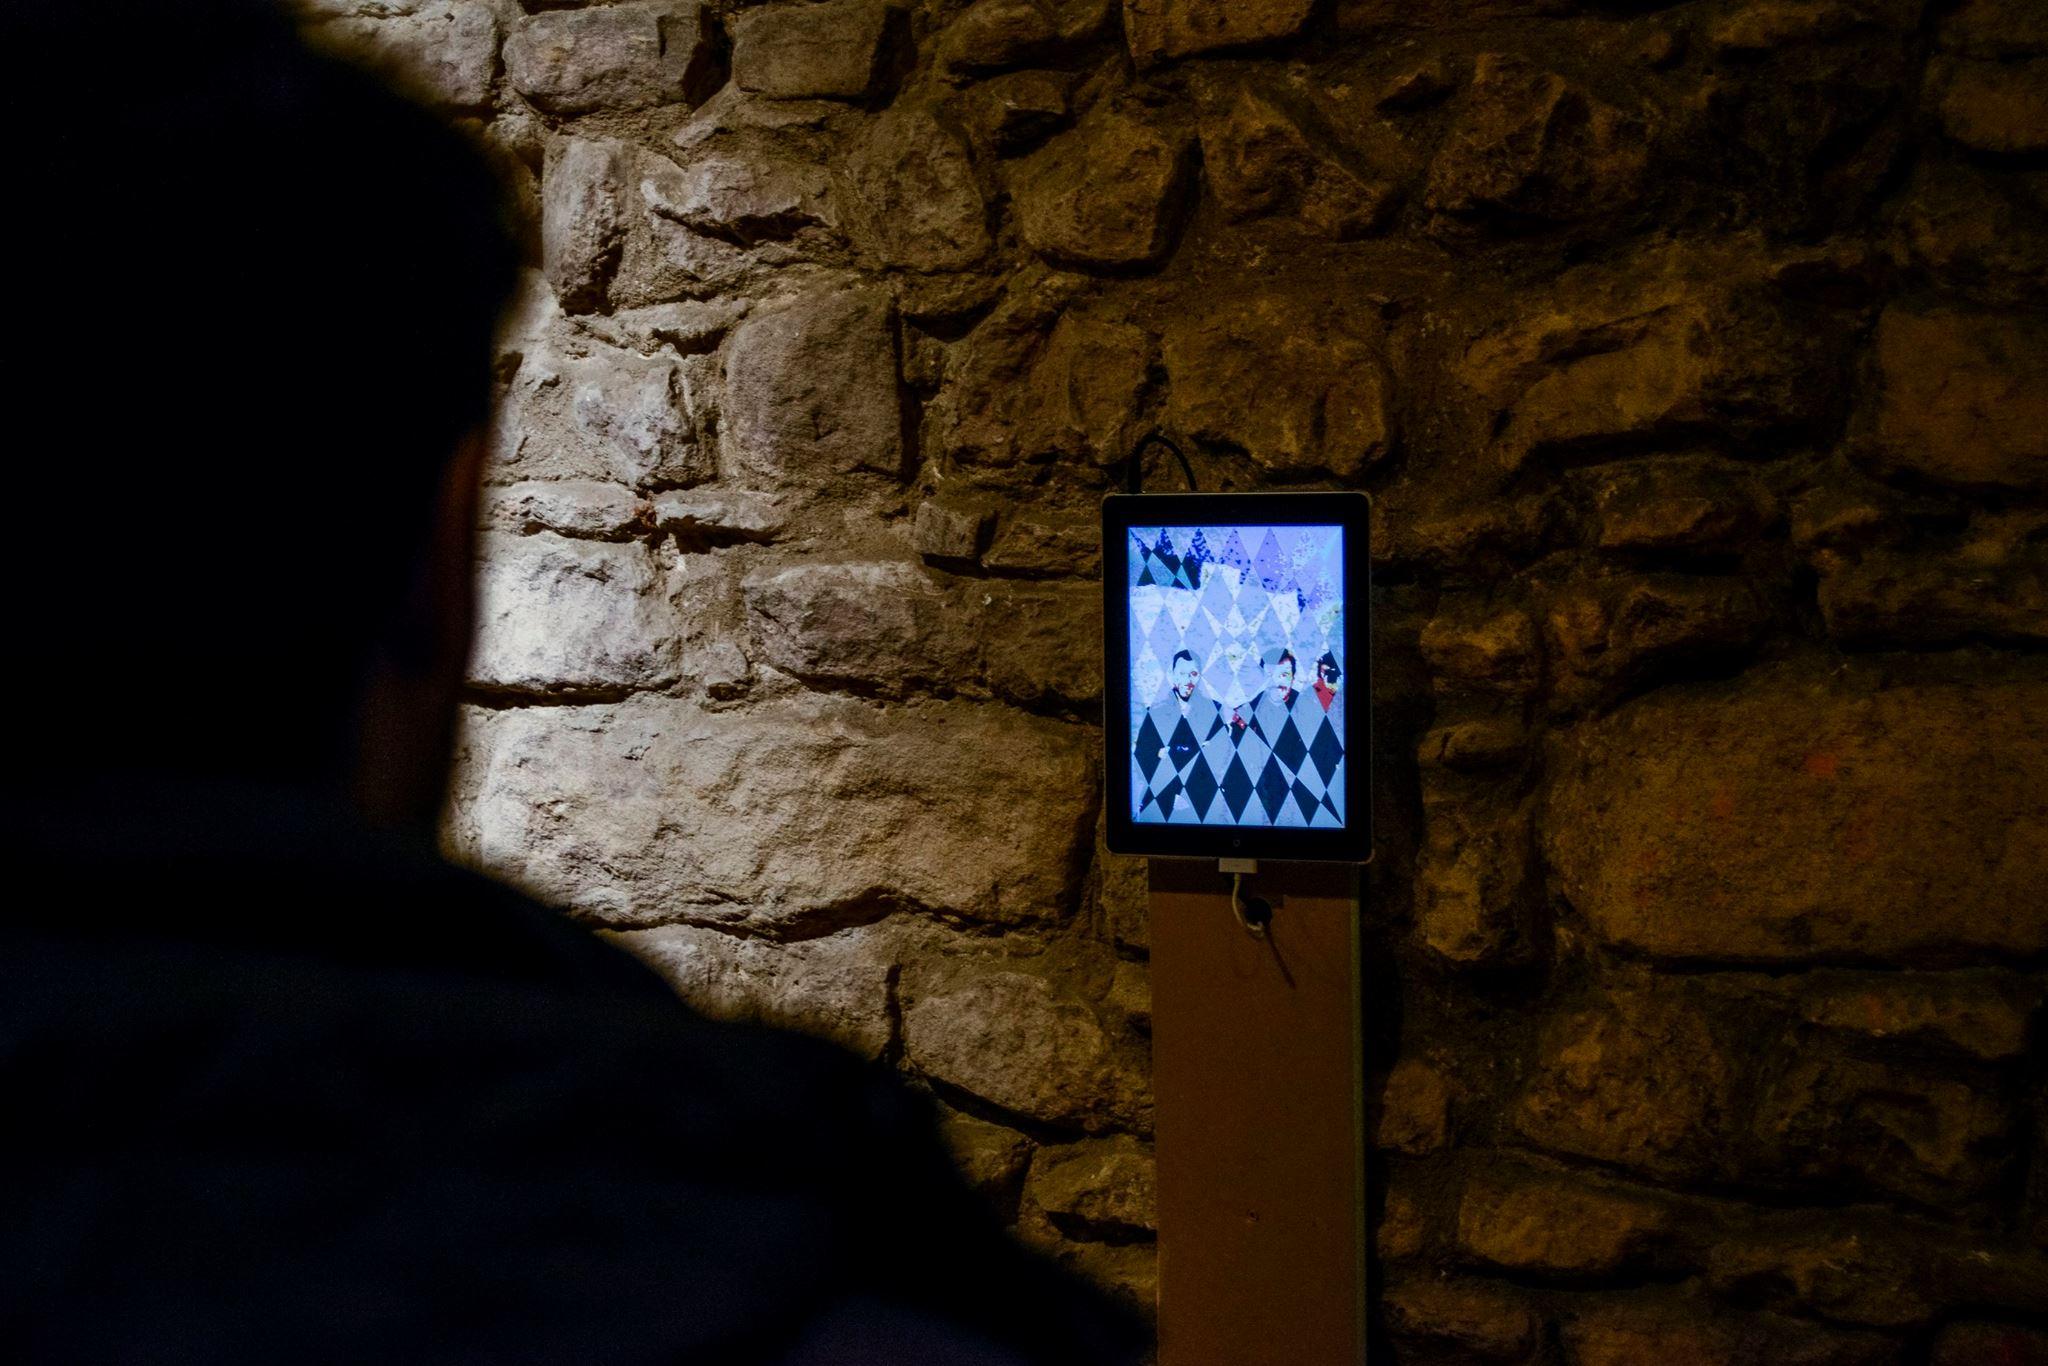 L'interazione dello spettatore con l'opera di Vincenzo Marsiglia